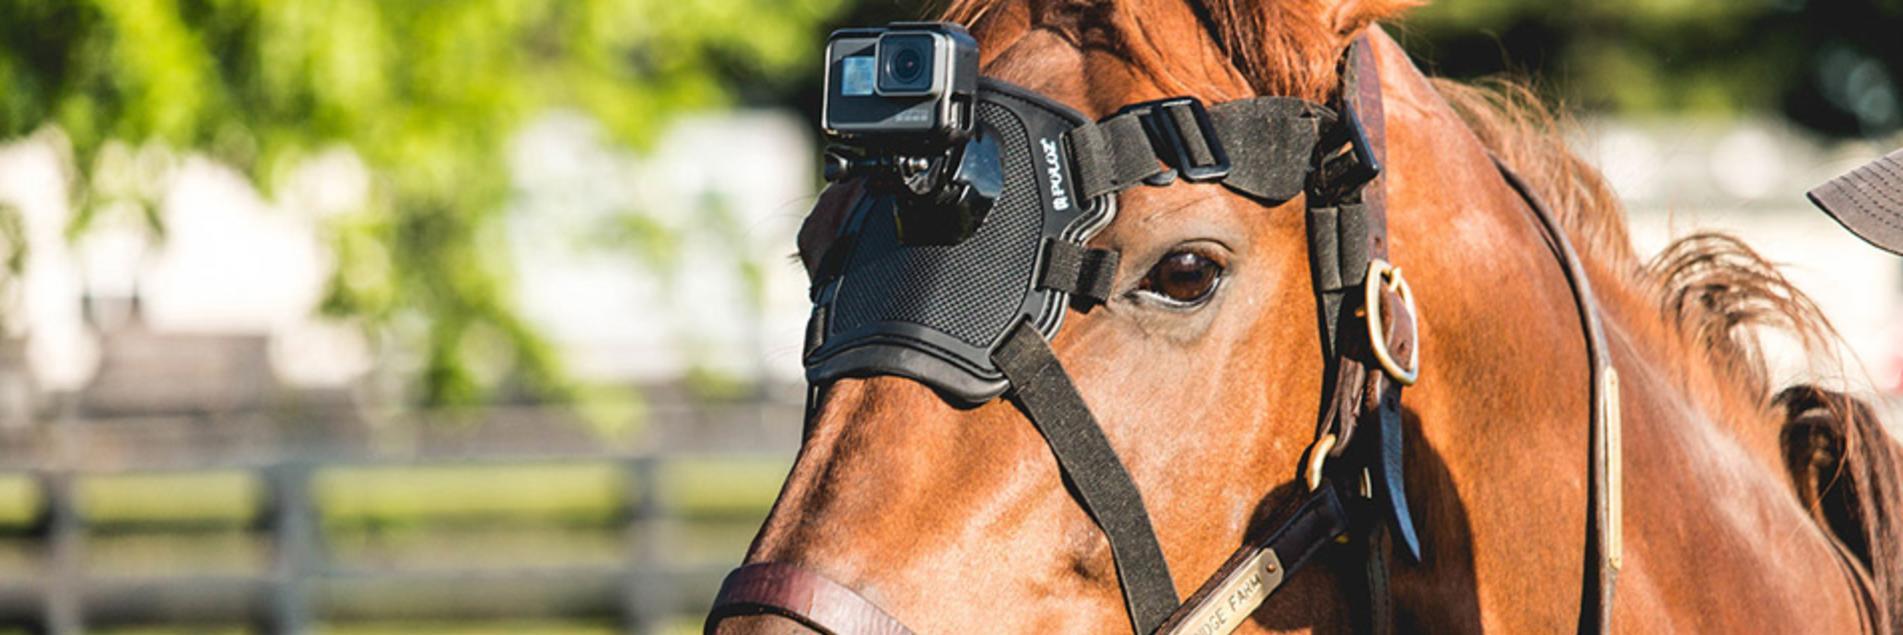 Horses Filming Horses